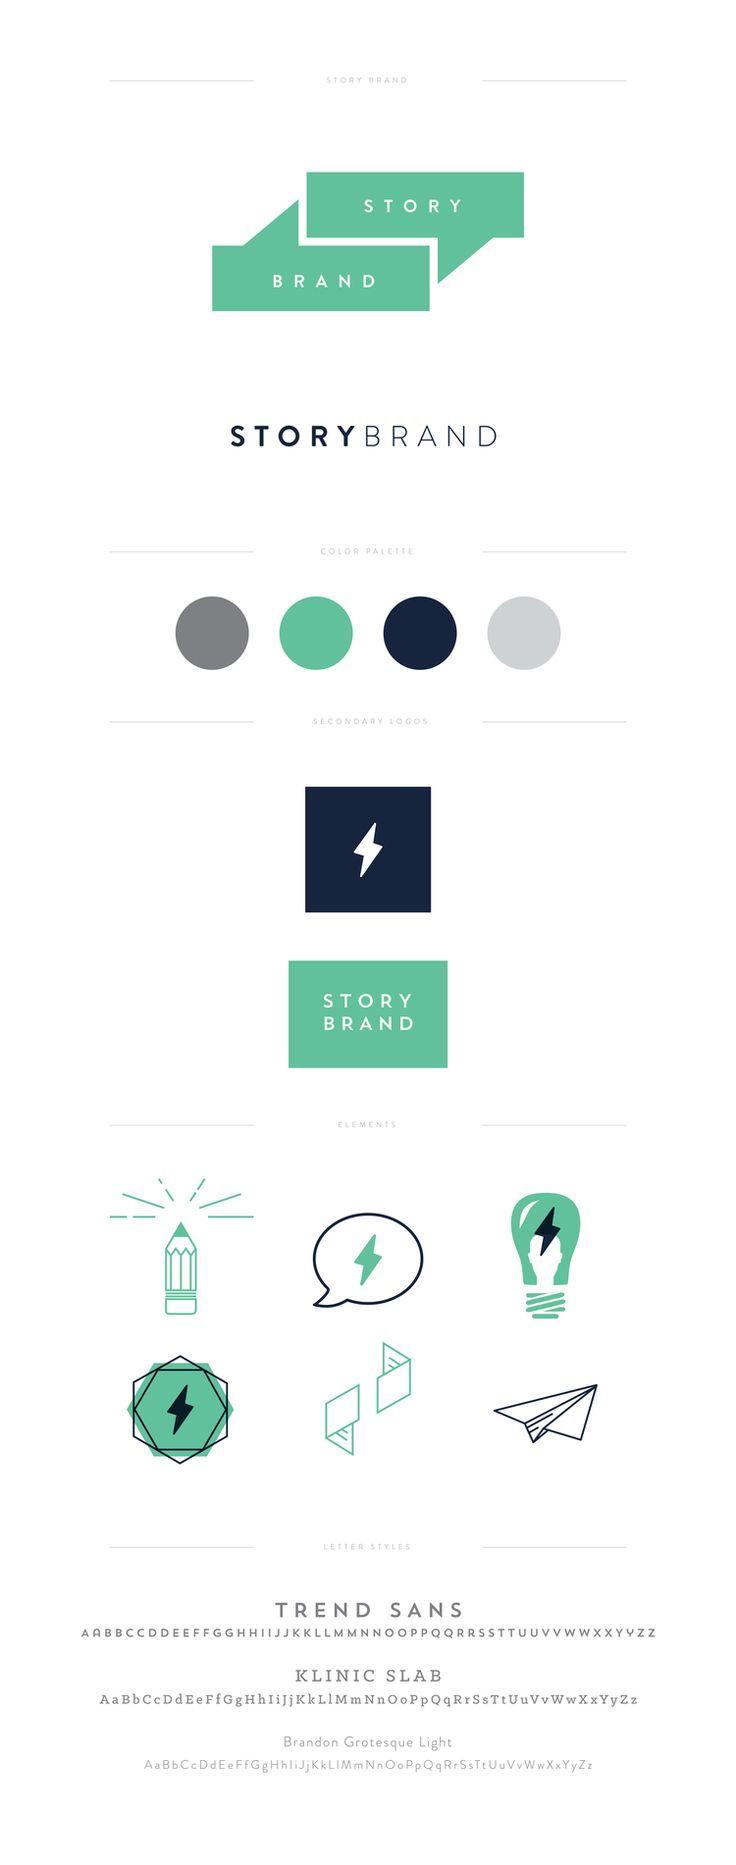 Story-Brand Branding - designed for Donald Miller - Lauren Ledbetter Design…